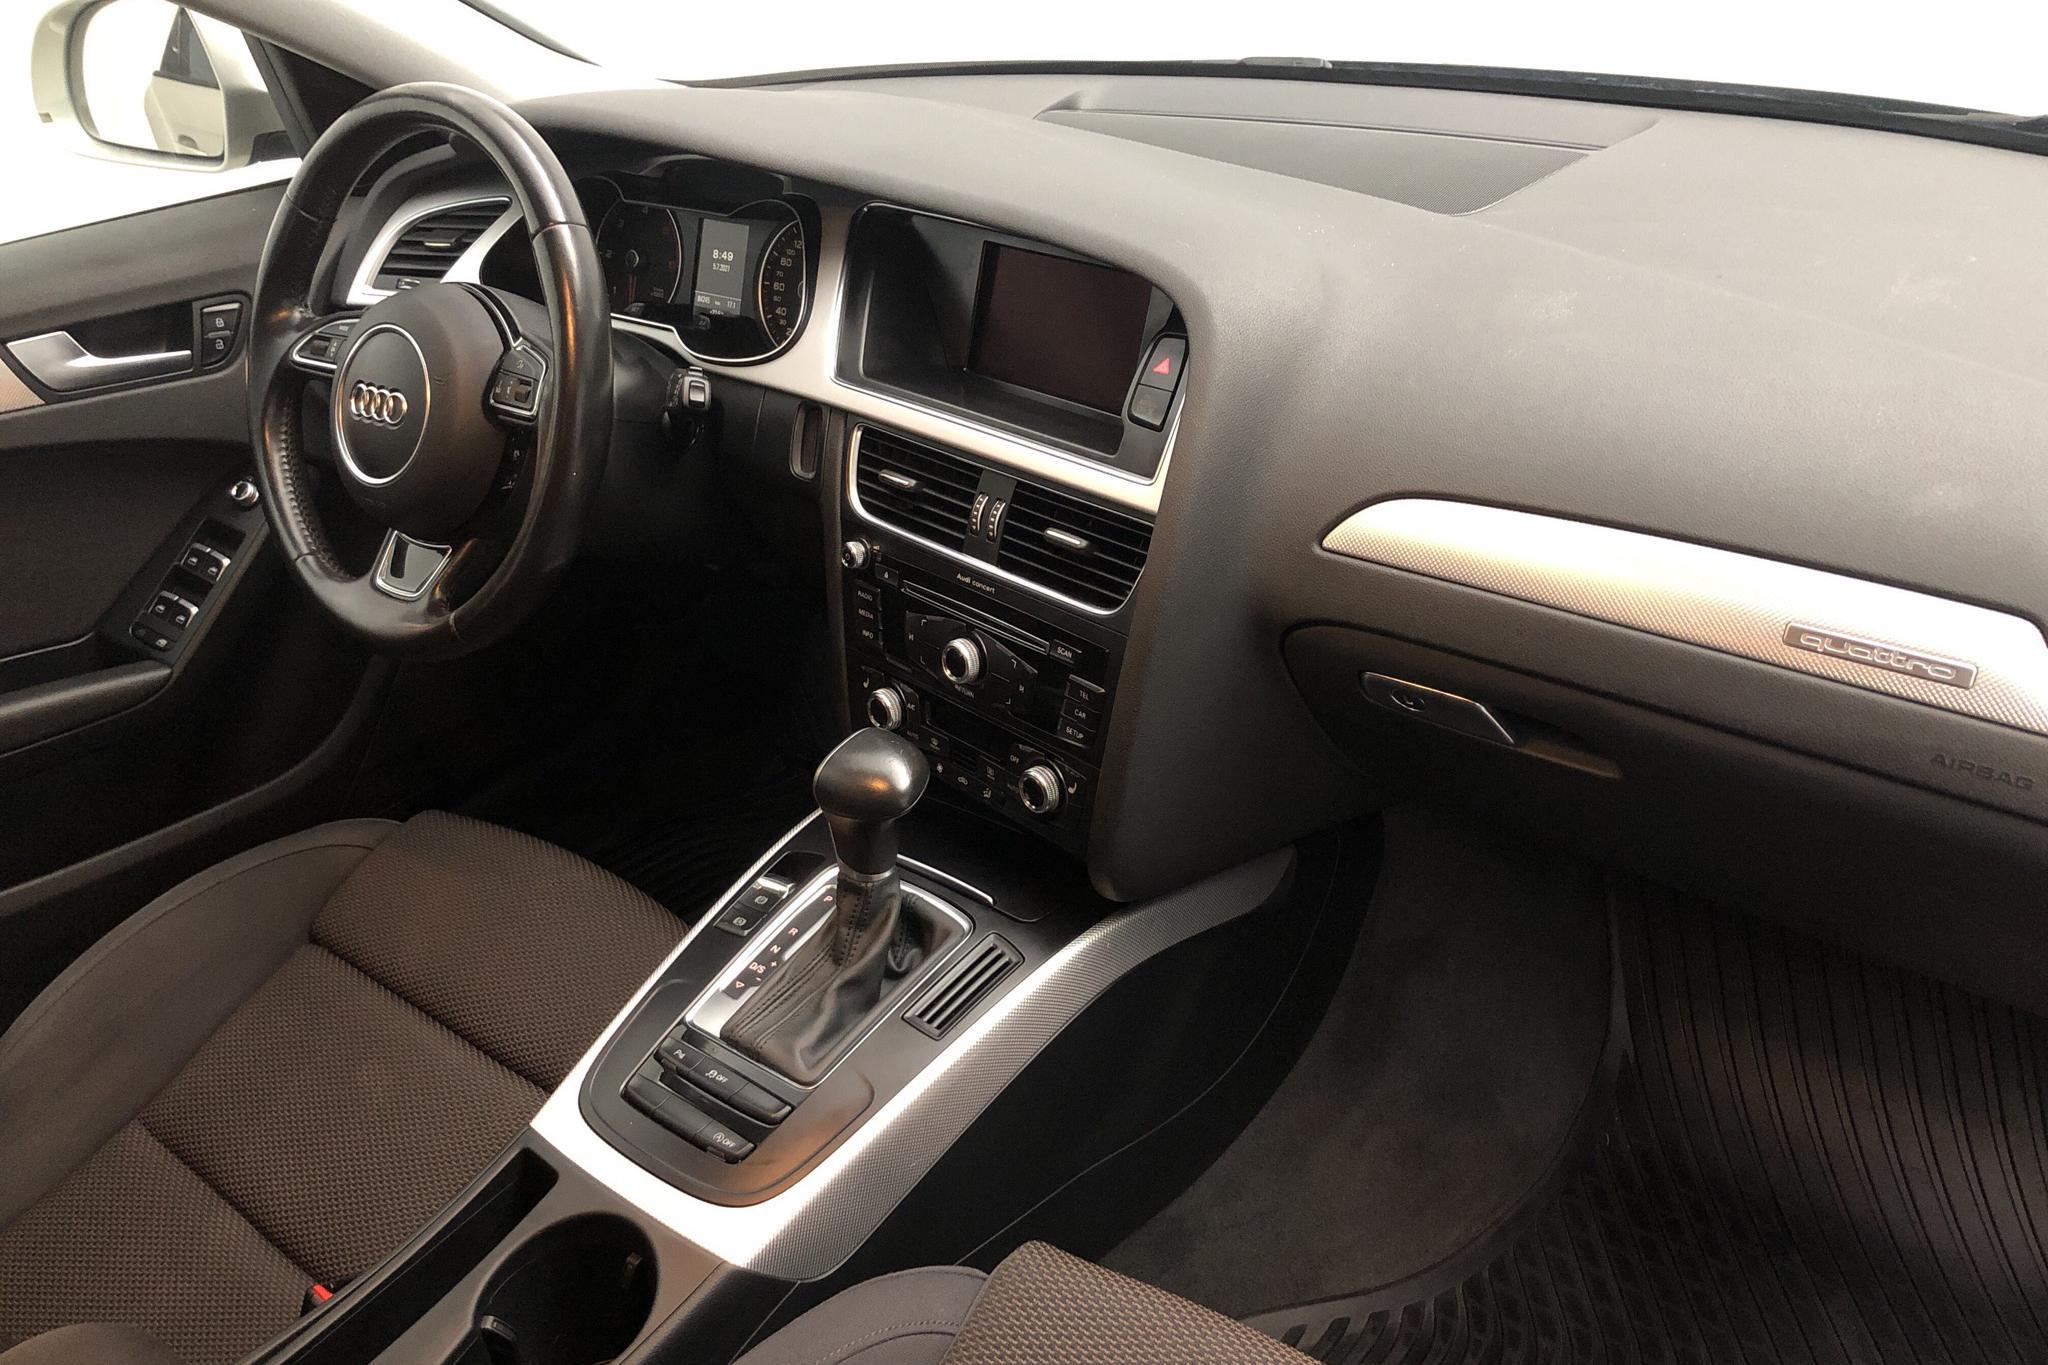 Audi A4 Allroad 2.0 TDI clean diesel Avant quattro (190hk) - 8 425 mil - Automat - silver - 2016